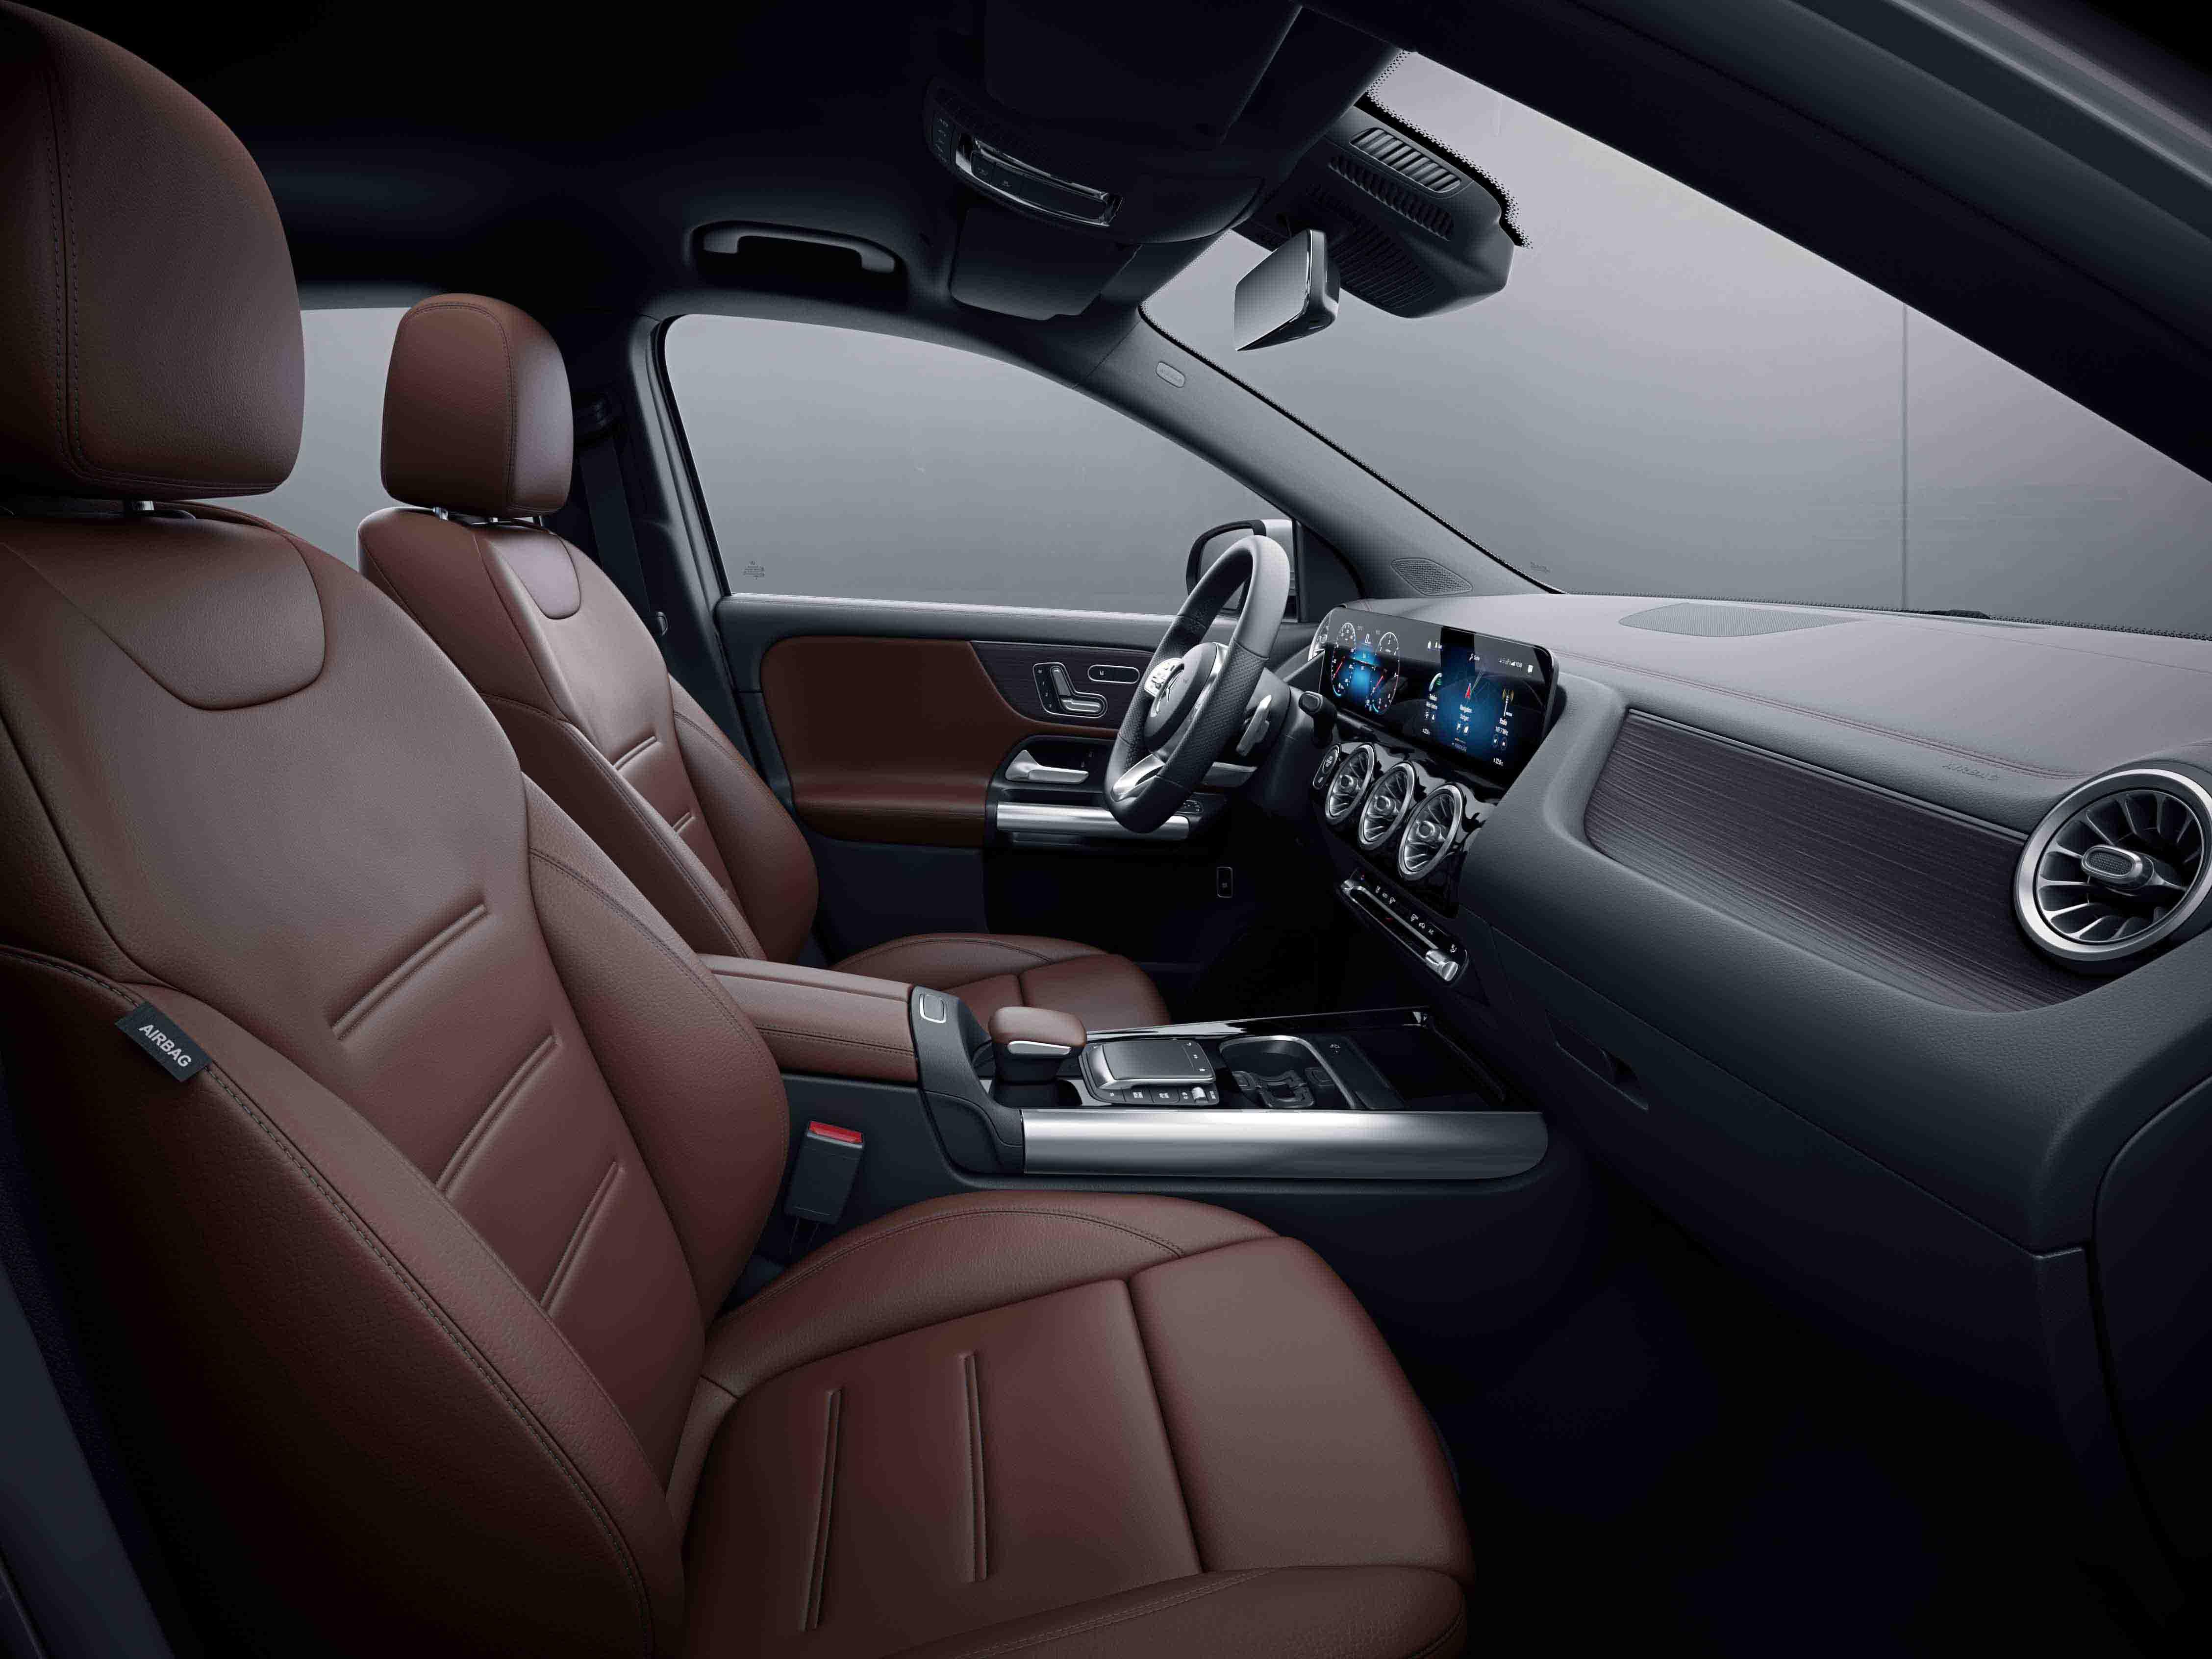 Habitacle de la Mercedes Classe GLA avec une Sellerie Cuir Rough cuir - marron noir